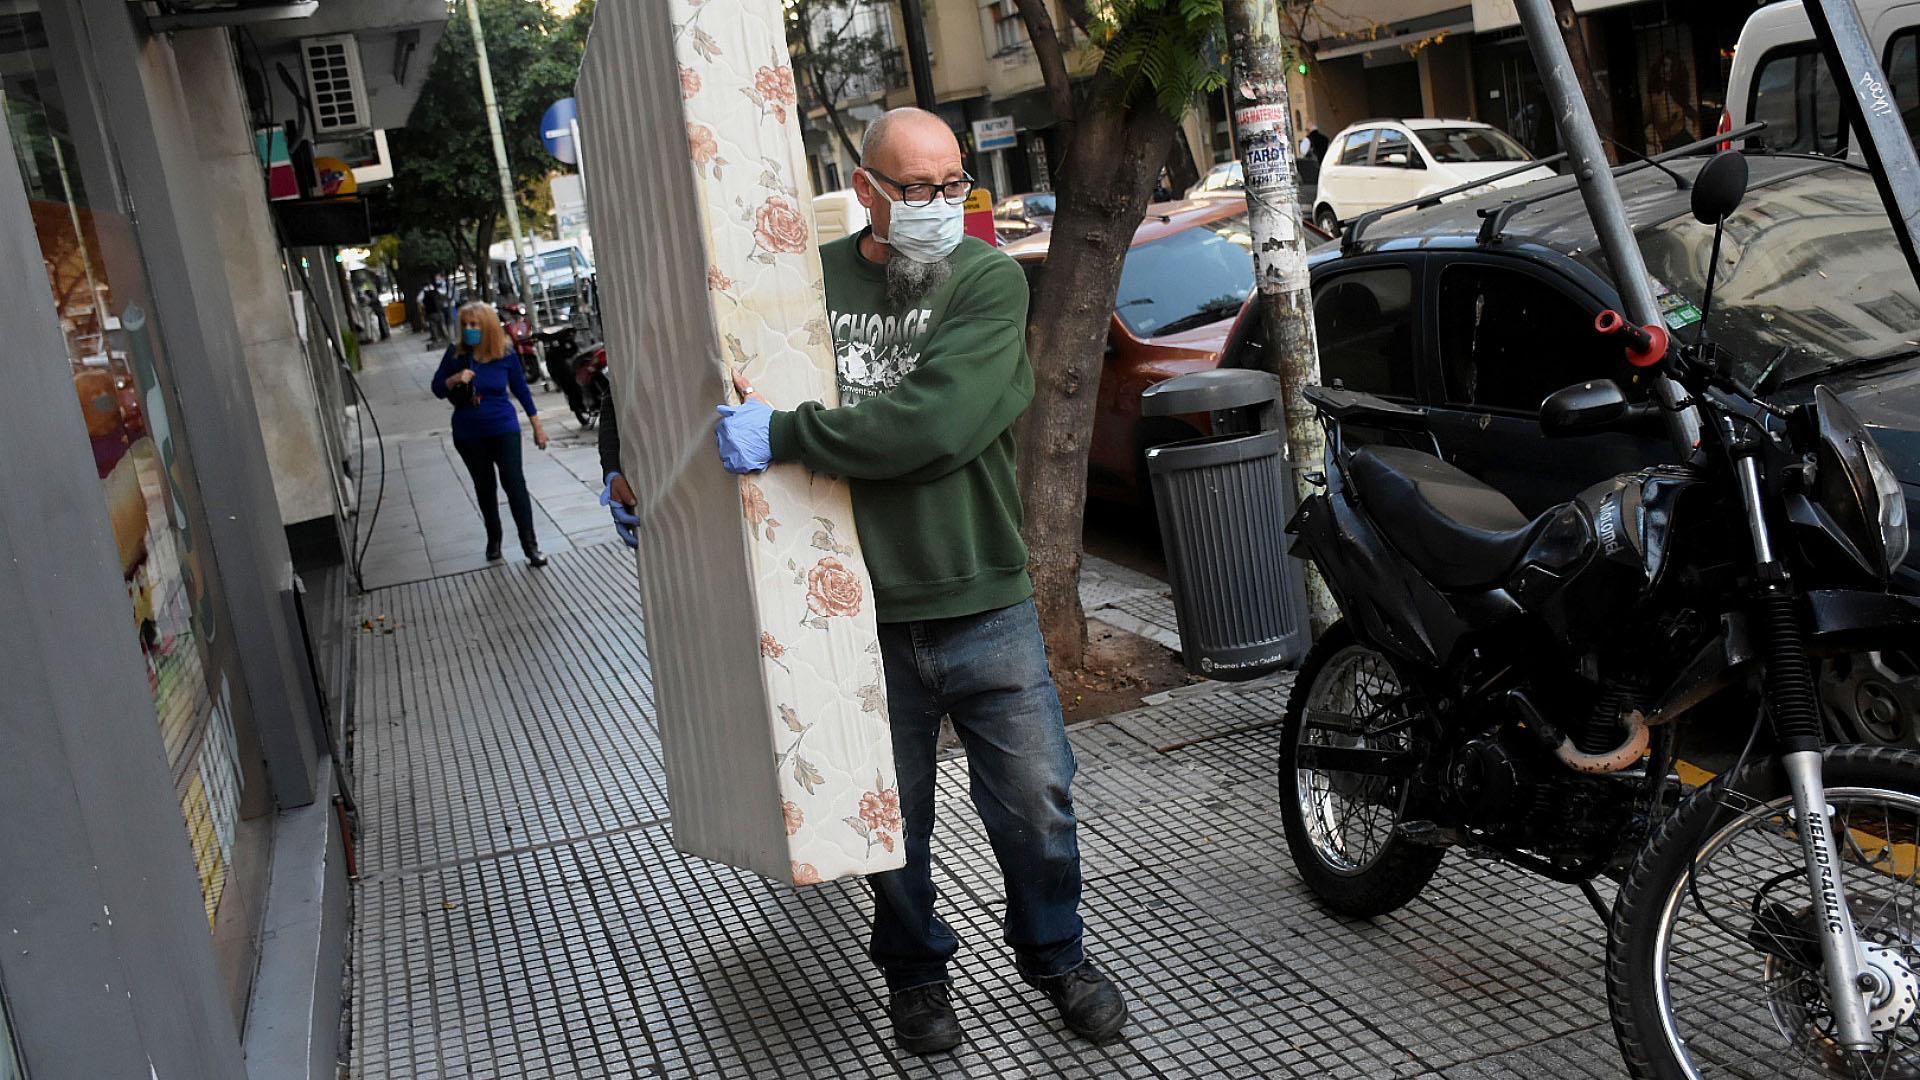 Un empleado de una empresa mudanzas traslada un colchón en medio de la calle